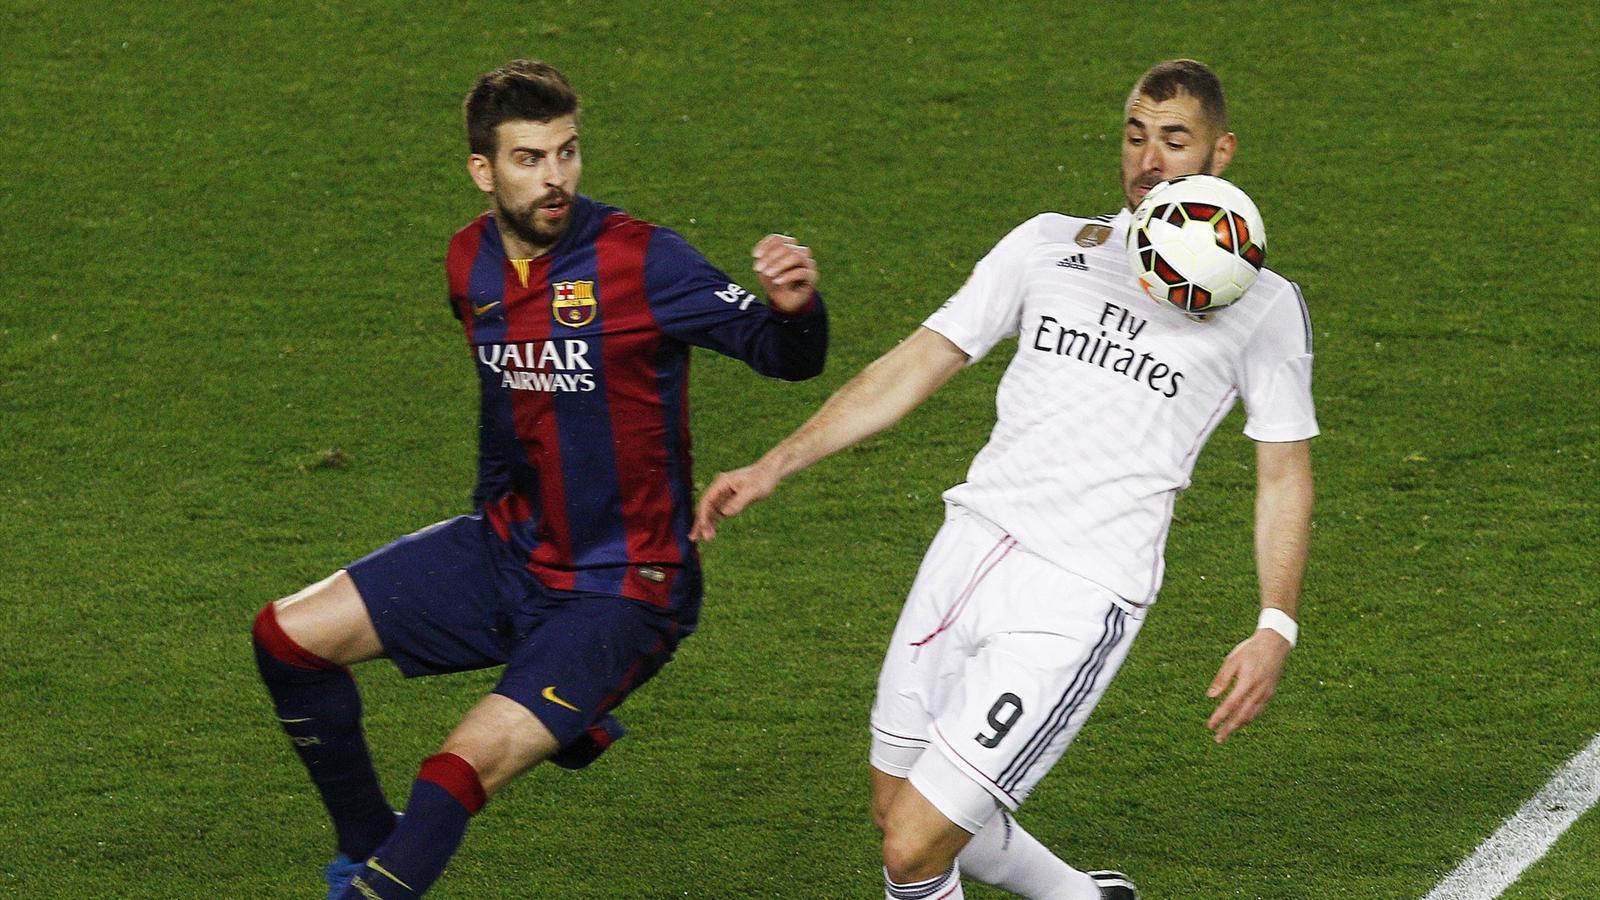 Spécial Messi et FCBarcelone (Part 2) - Page 10 1441664-30830190-1600-900